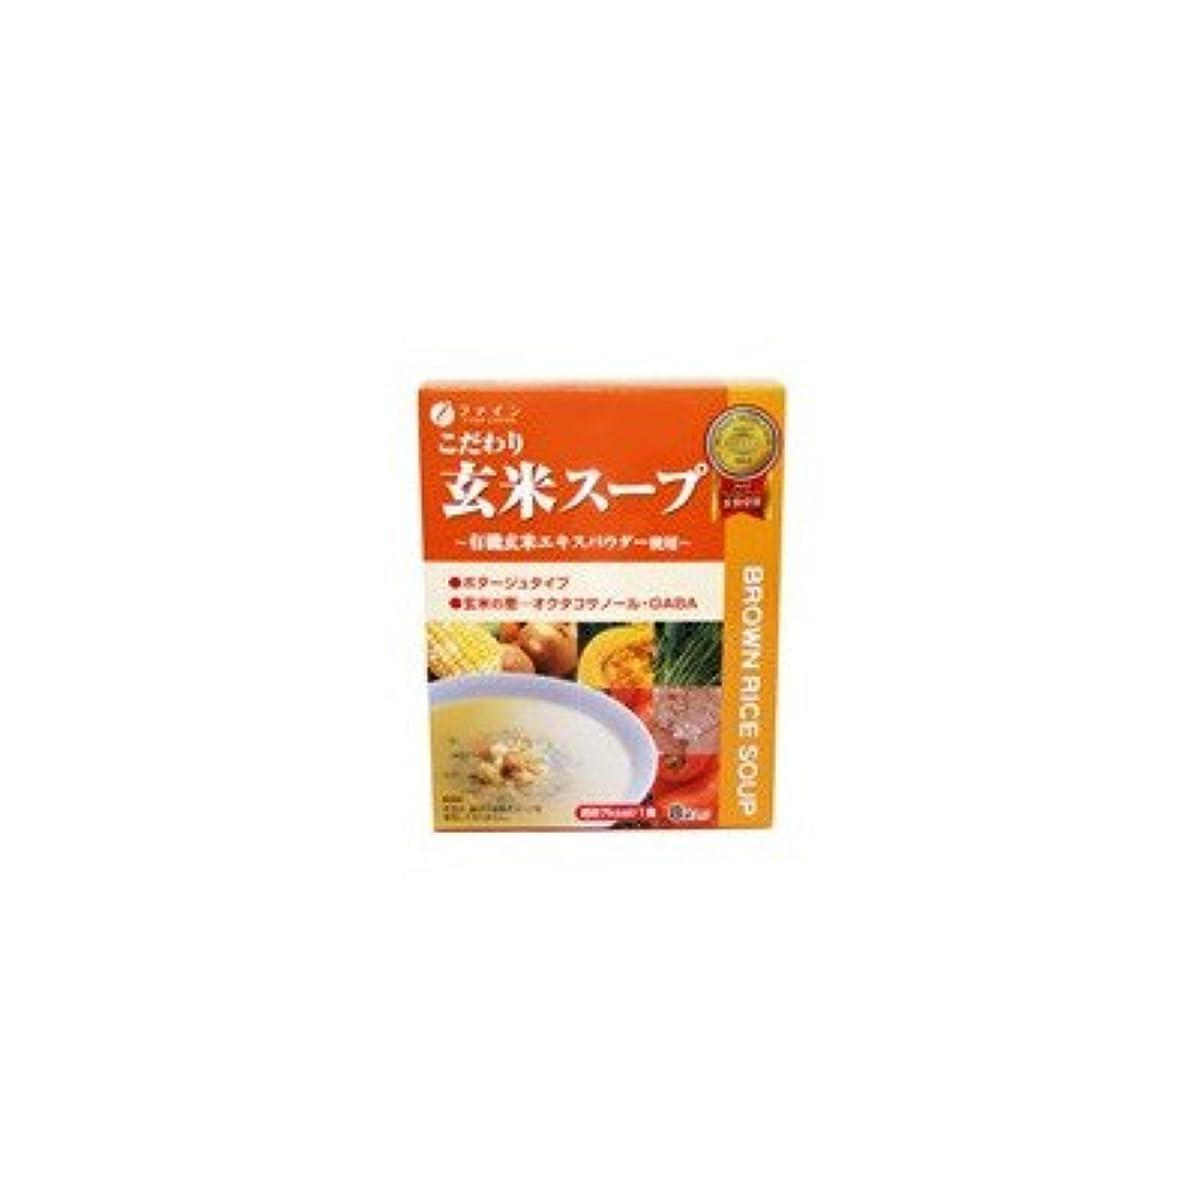 教える理解する口ひげファイン 203399 こだわり玄米スープ(8食入り)